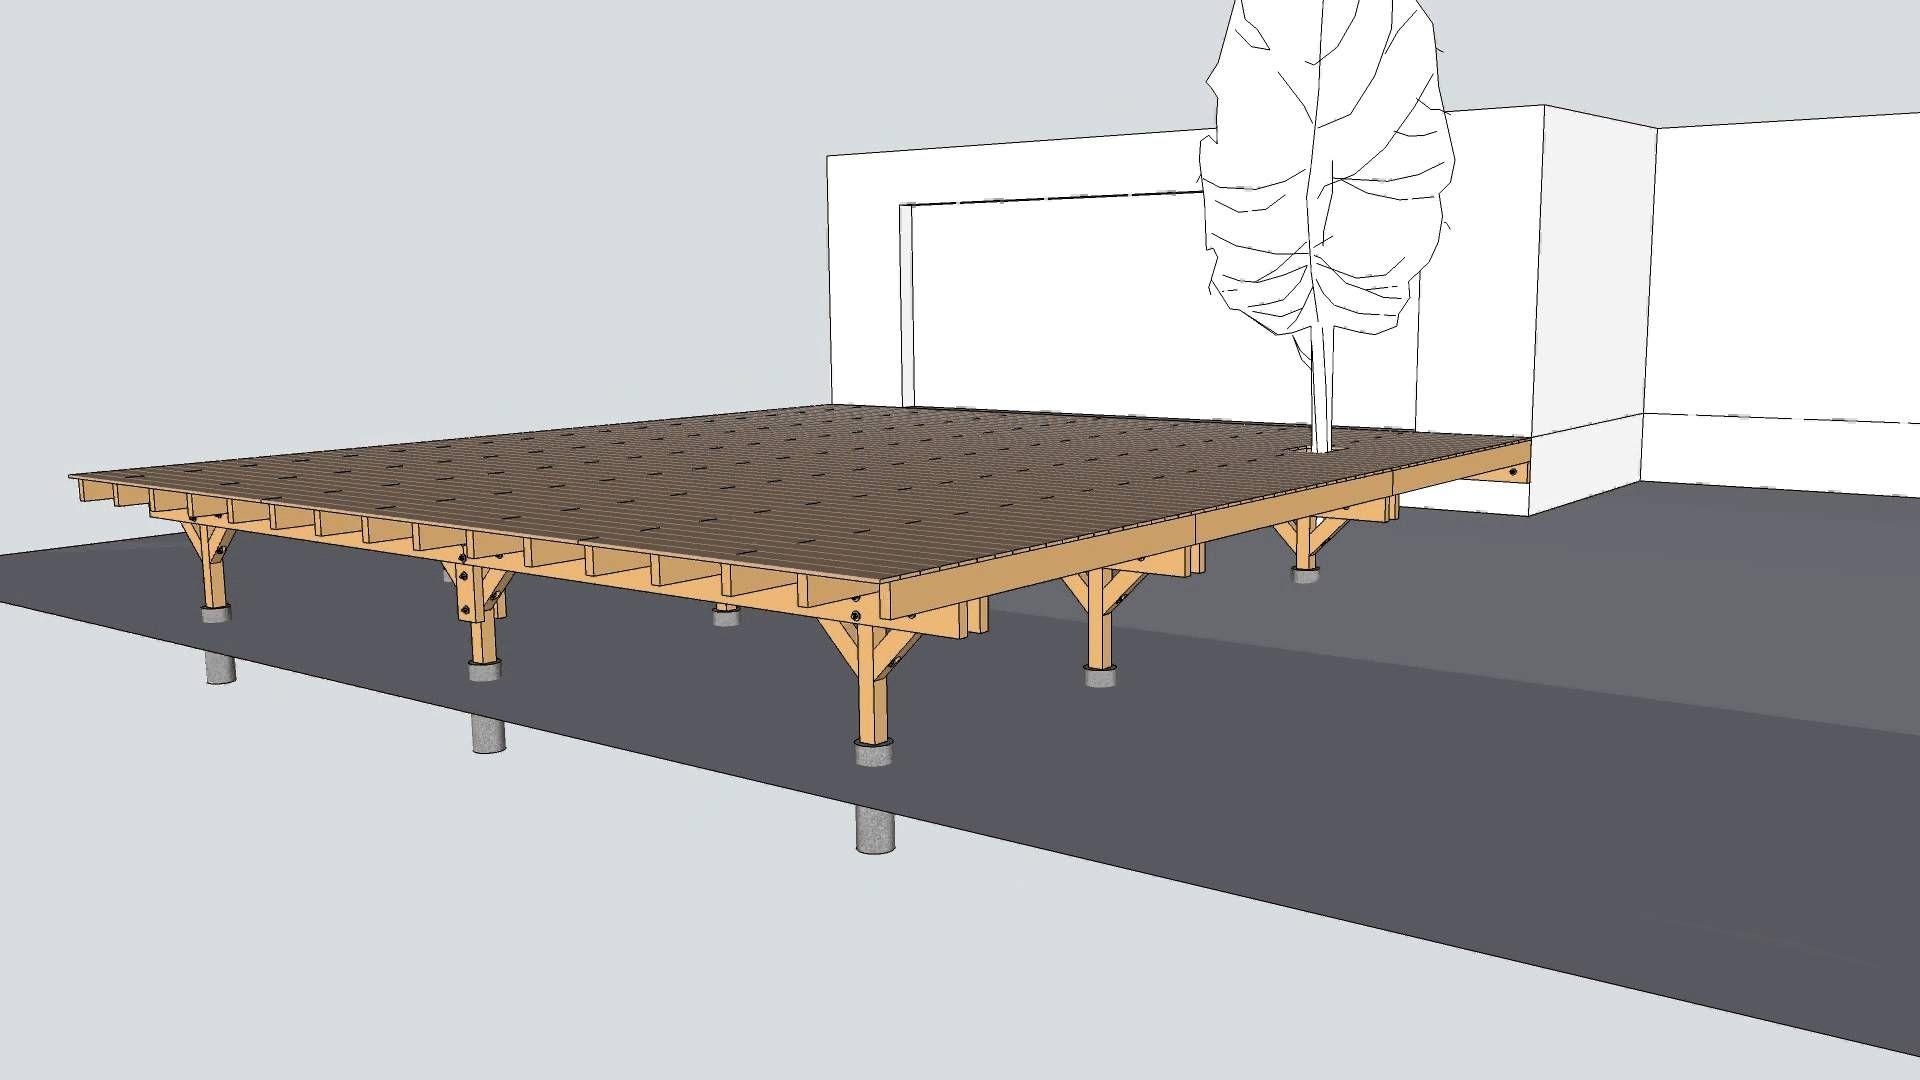 Terrasse Sur Pilotis - Vidéo De La Structure